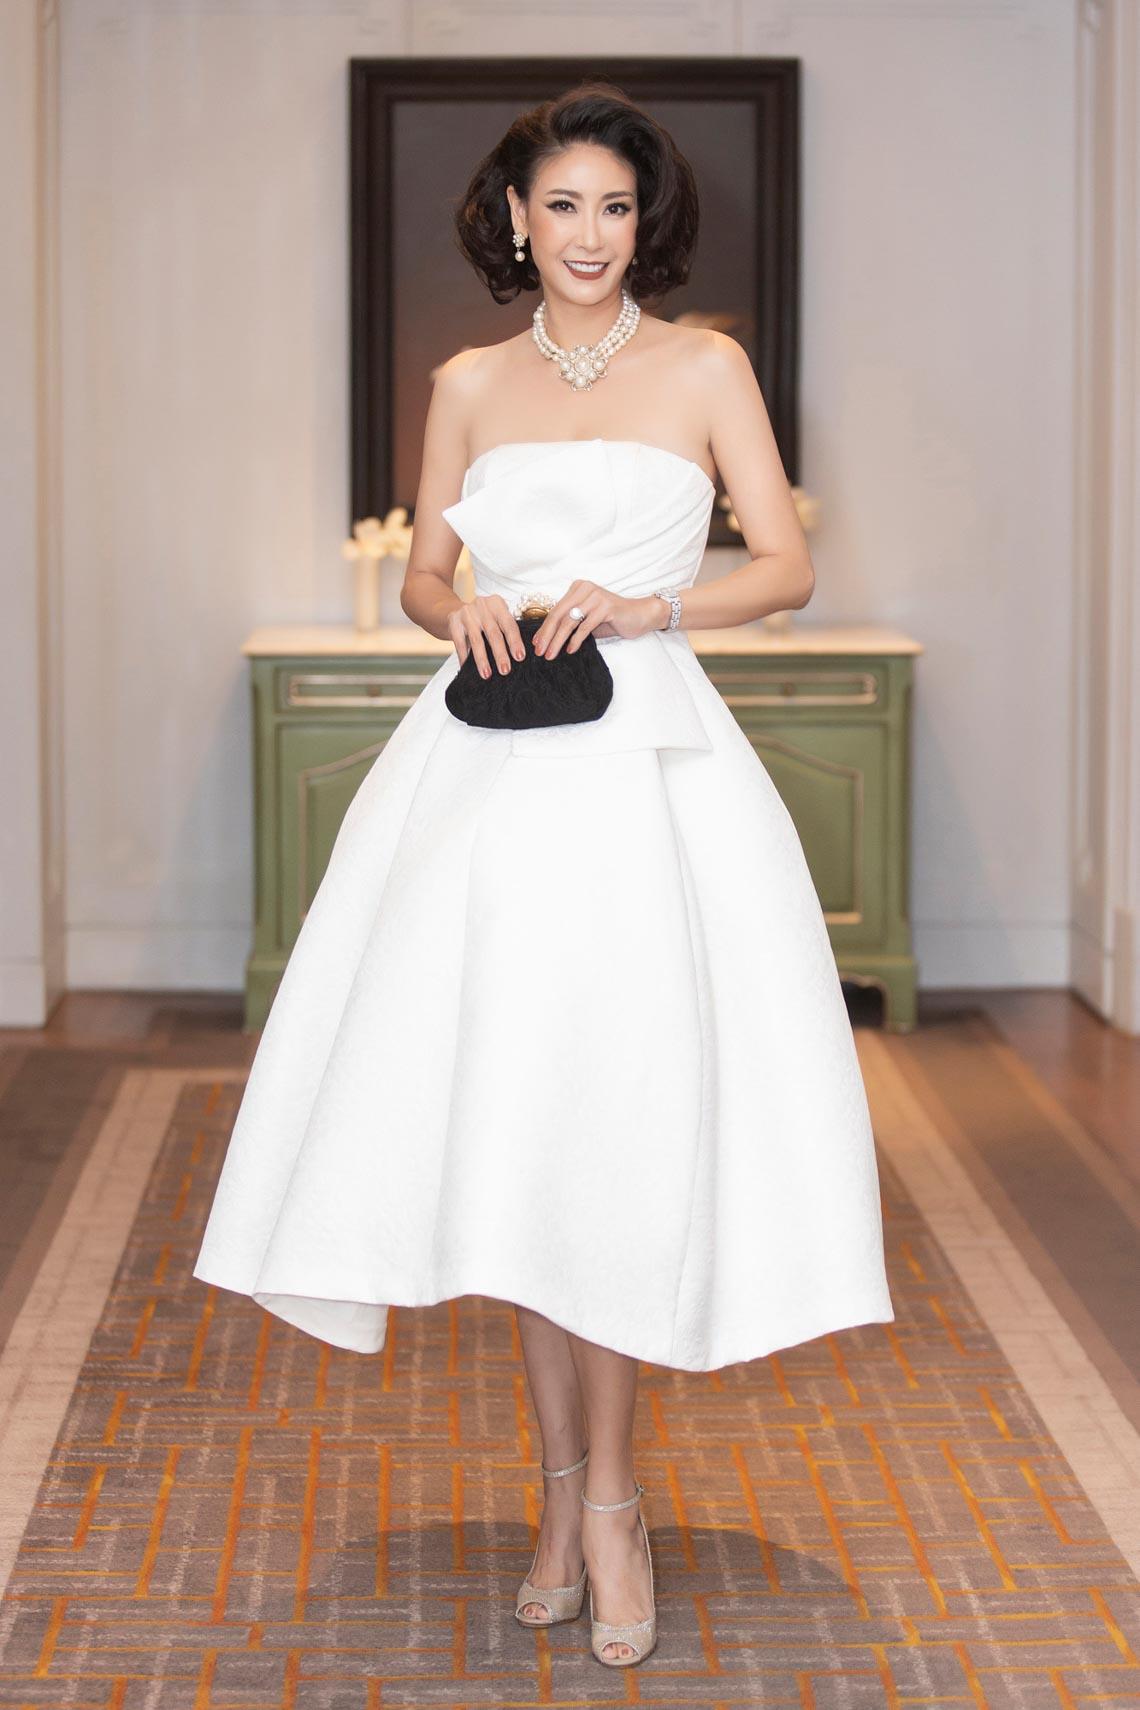 Dàn mỹ nhân diện trang phục trắng tinh khôi của NTK Đỗ Mạnh Cường - 13